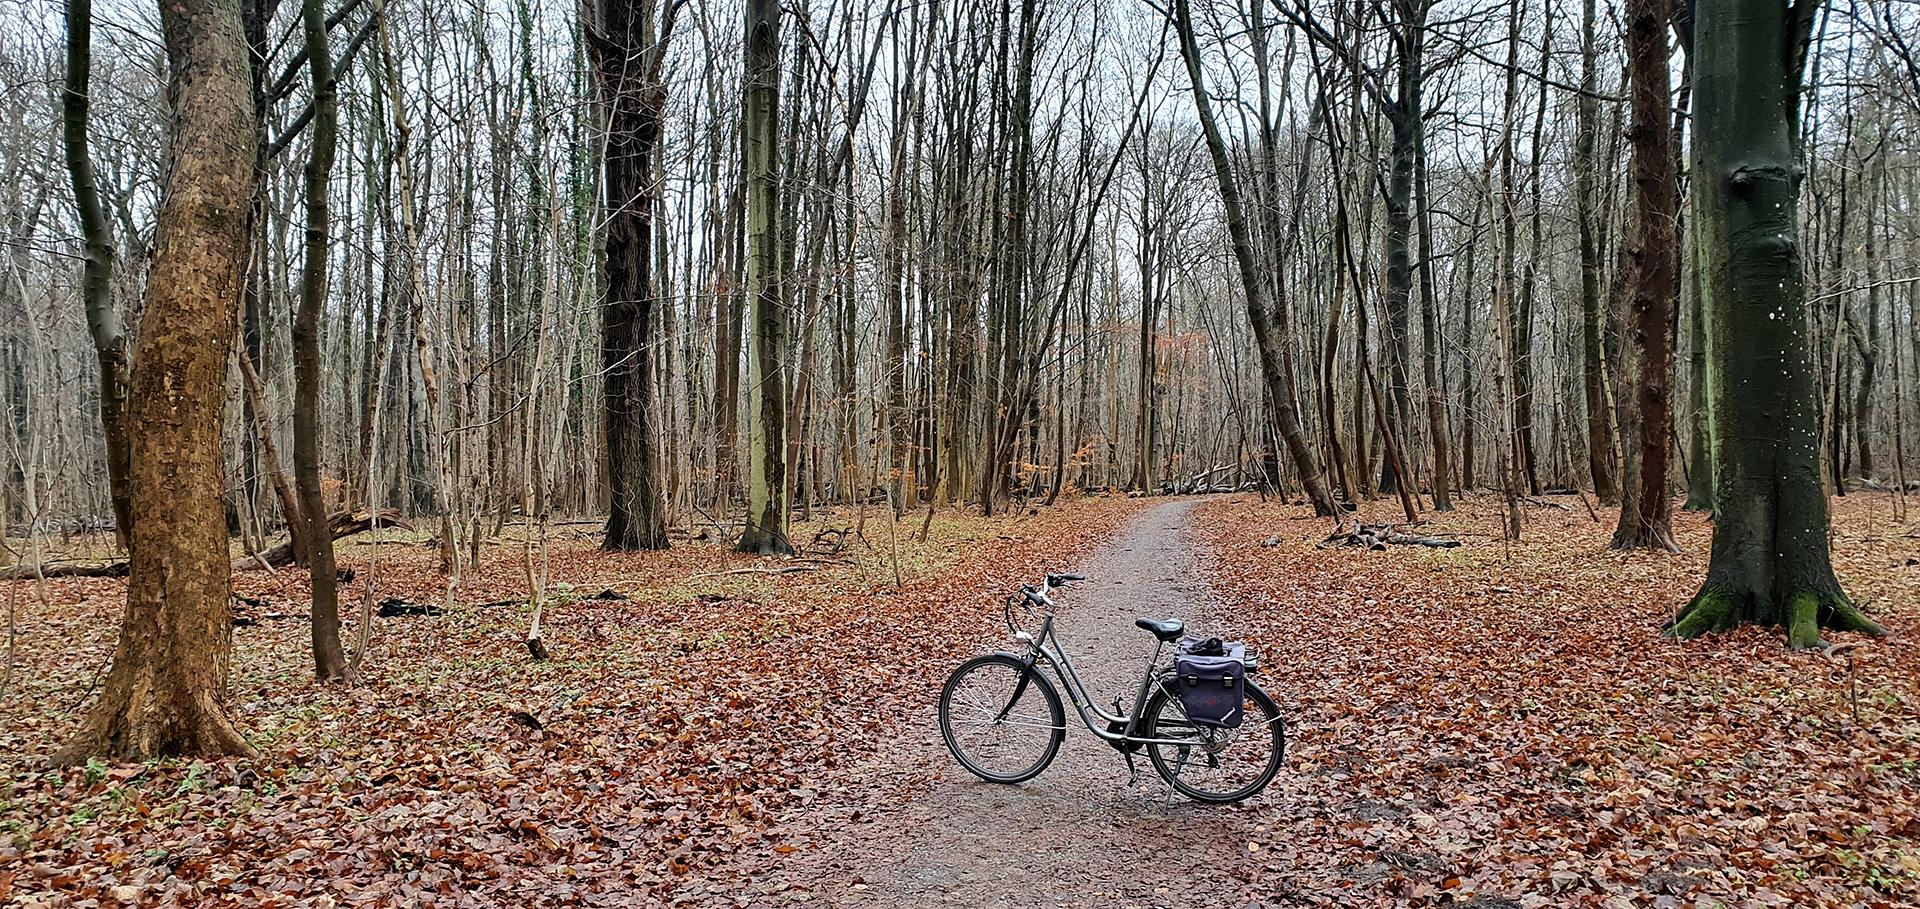 Kein Winterwald, trotzdem schön und erholsam, Elisenhain im Naturschutzgebiet Greifswald-Eldena